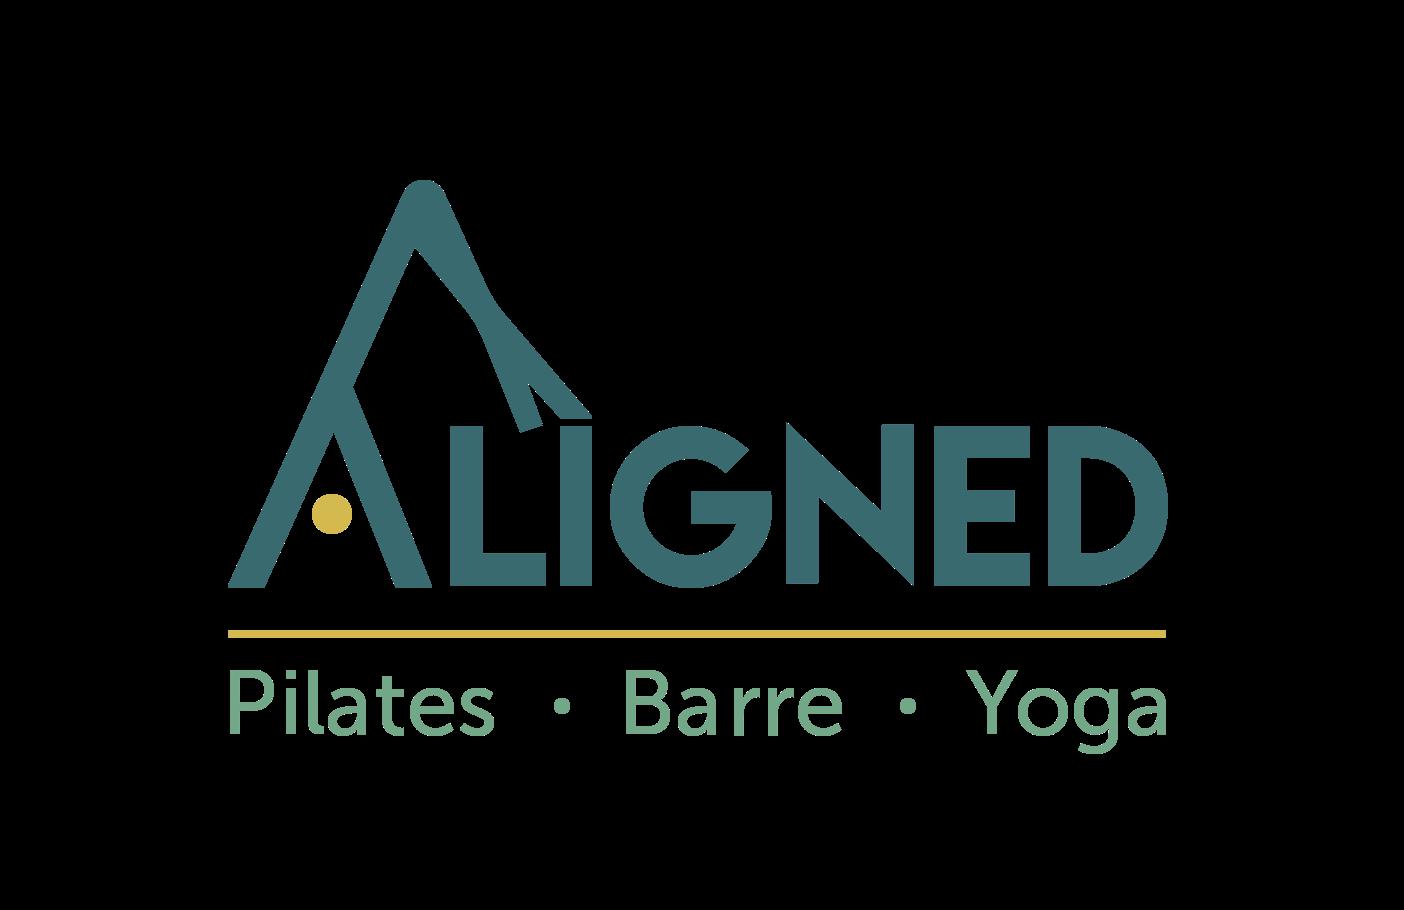 aligned_logo1.png